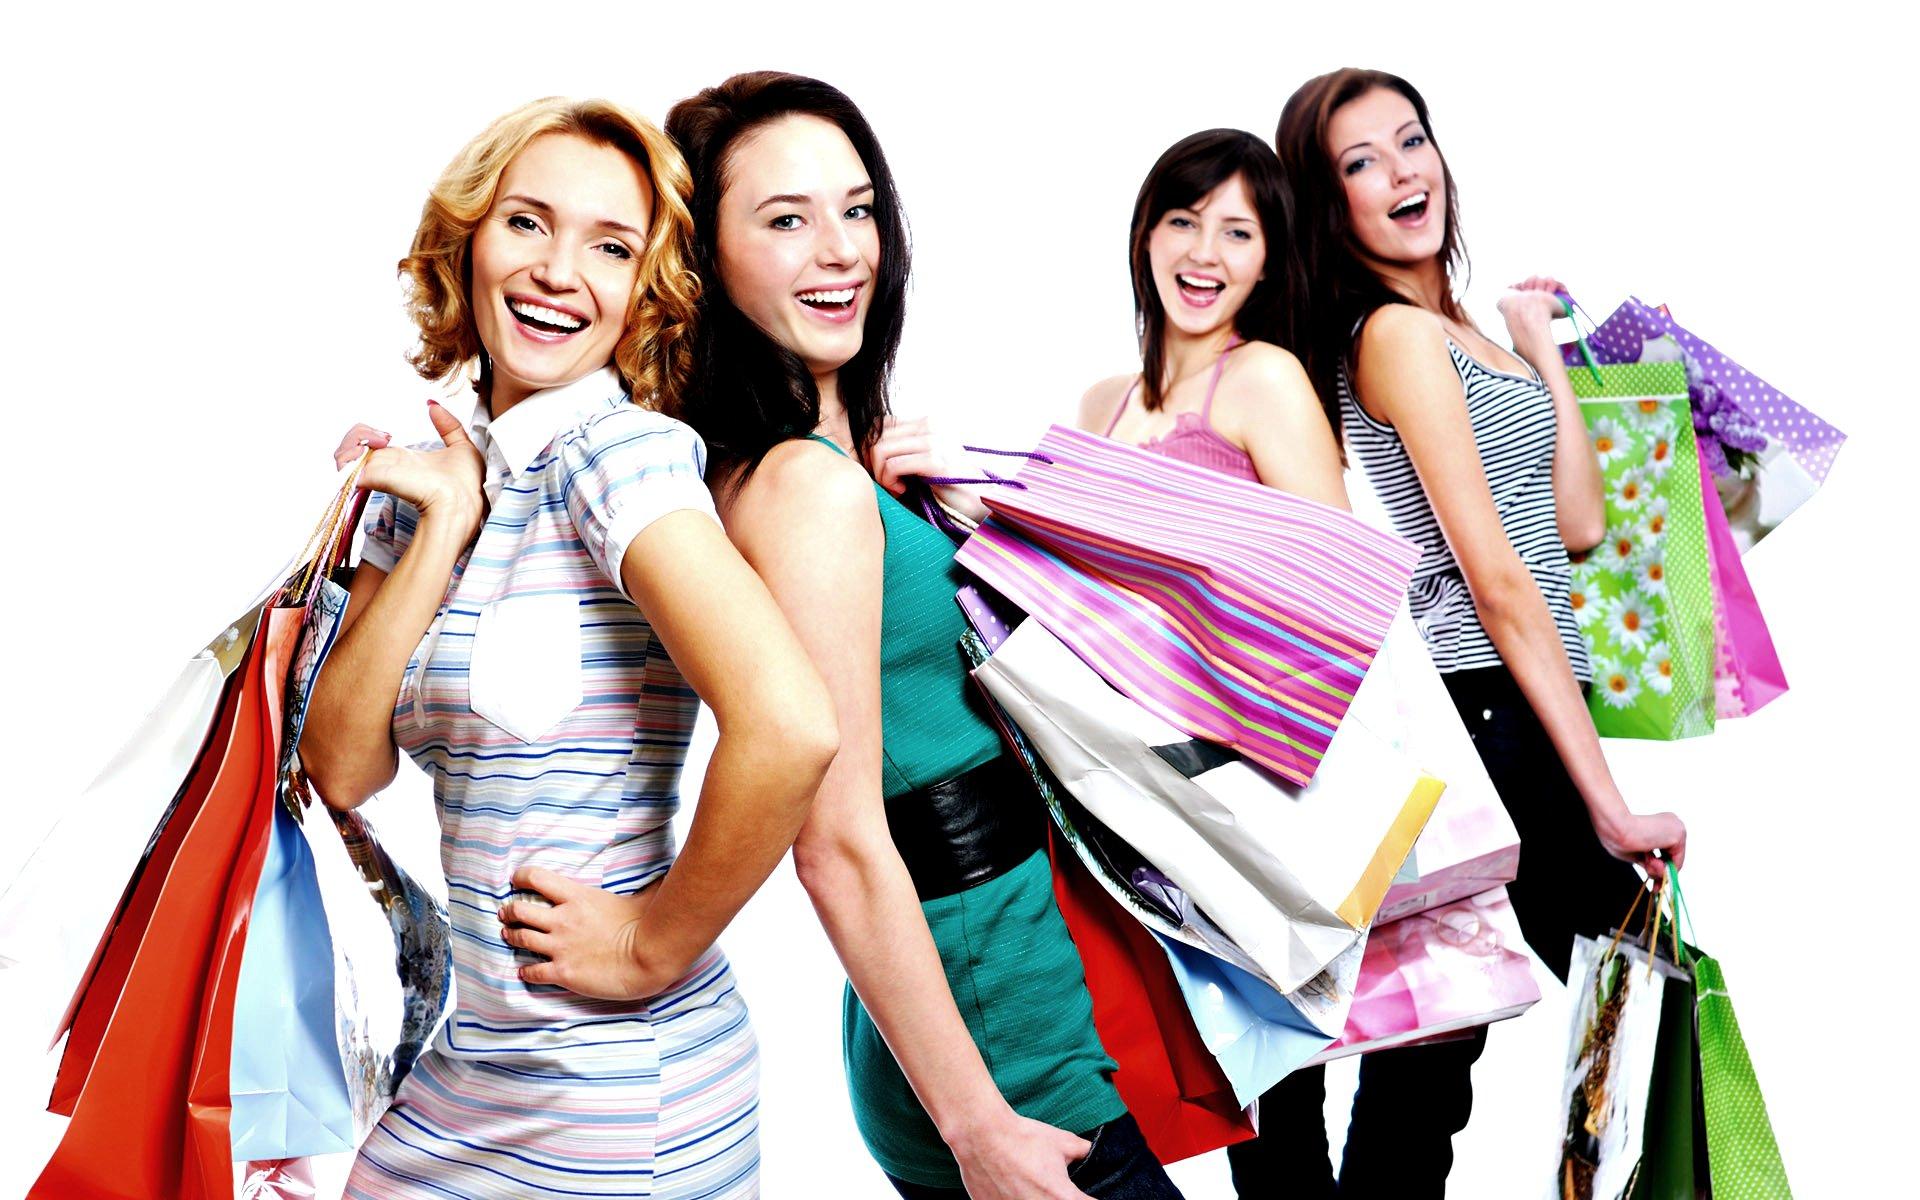 Фото Девушек Для Интернет Магазина